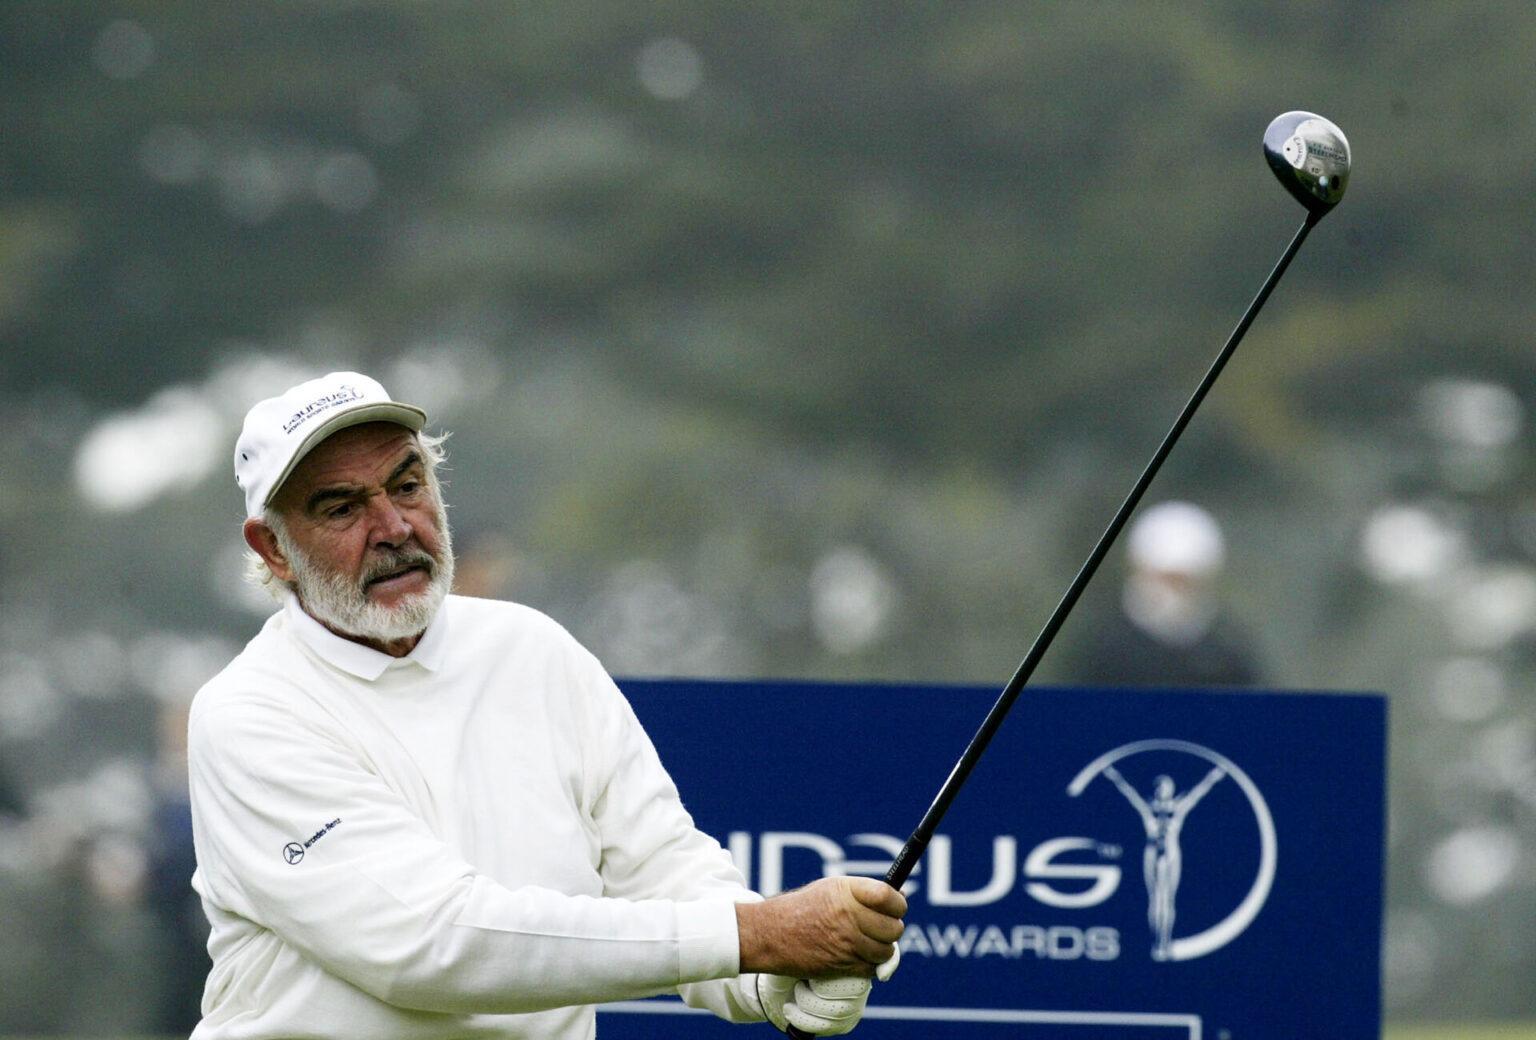 Sean Connery - As golf giez -covid